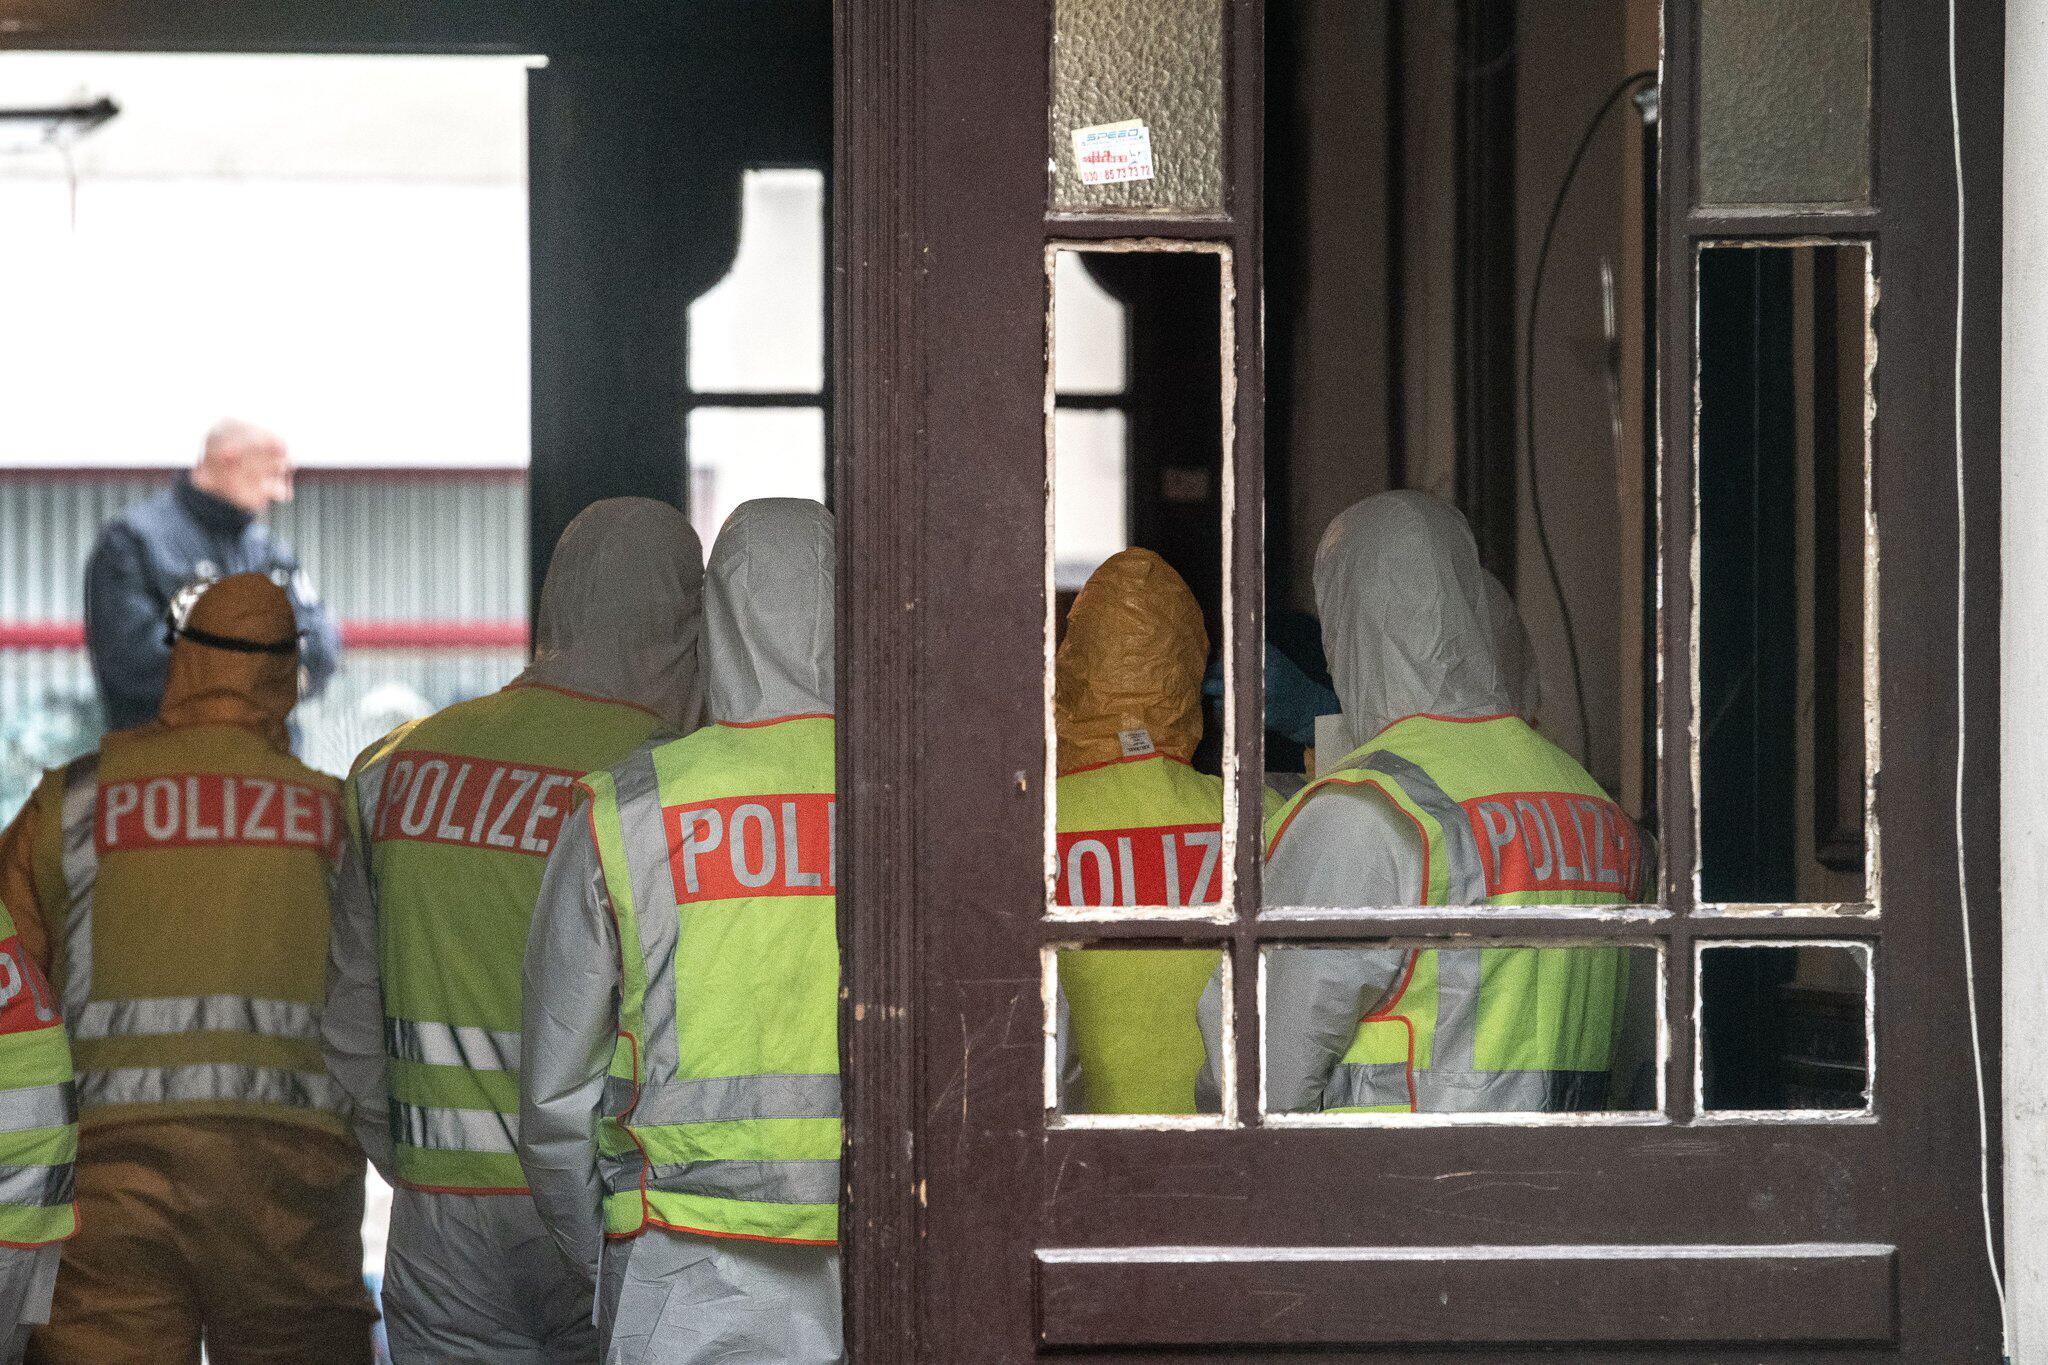 Bild zu Unbewohnbar:Berliner Bezirk lässt verwahrlostes Haus räumen